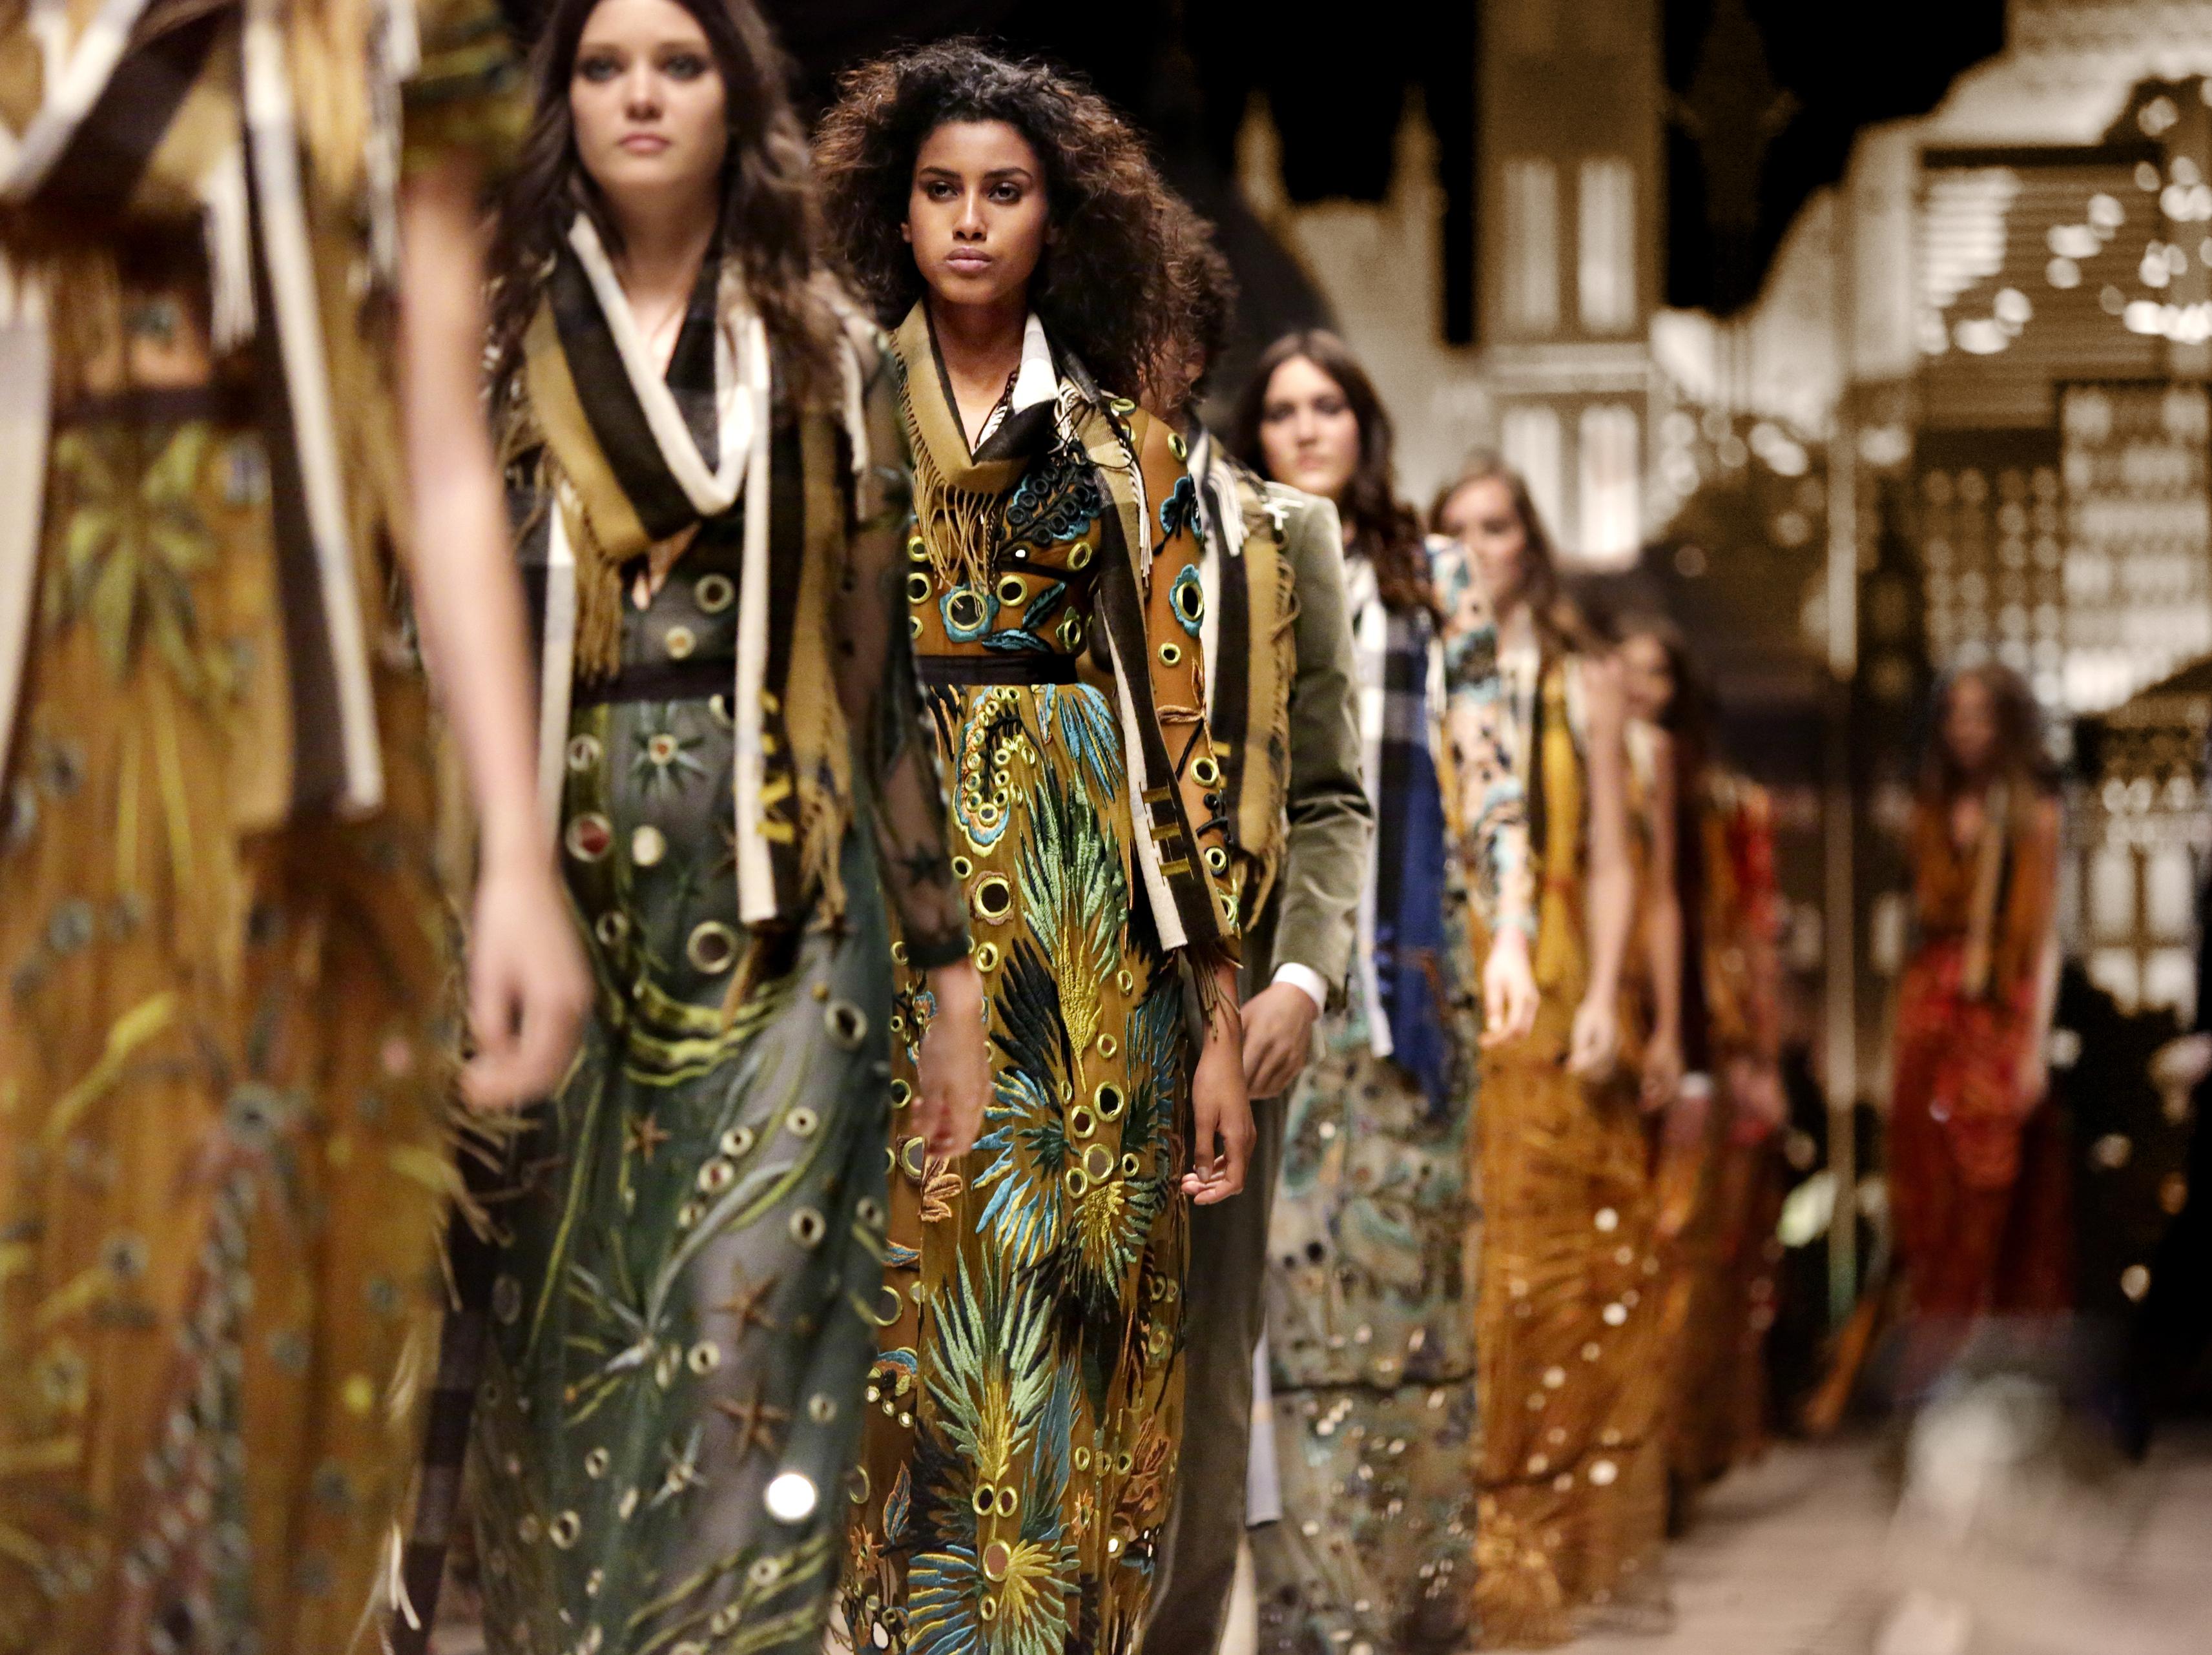 The supermodel parade really heats up the catwalk.